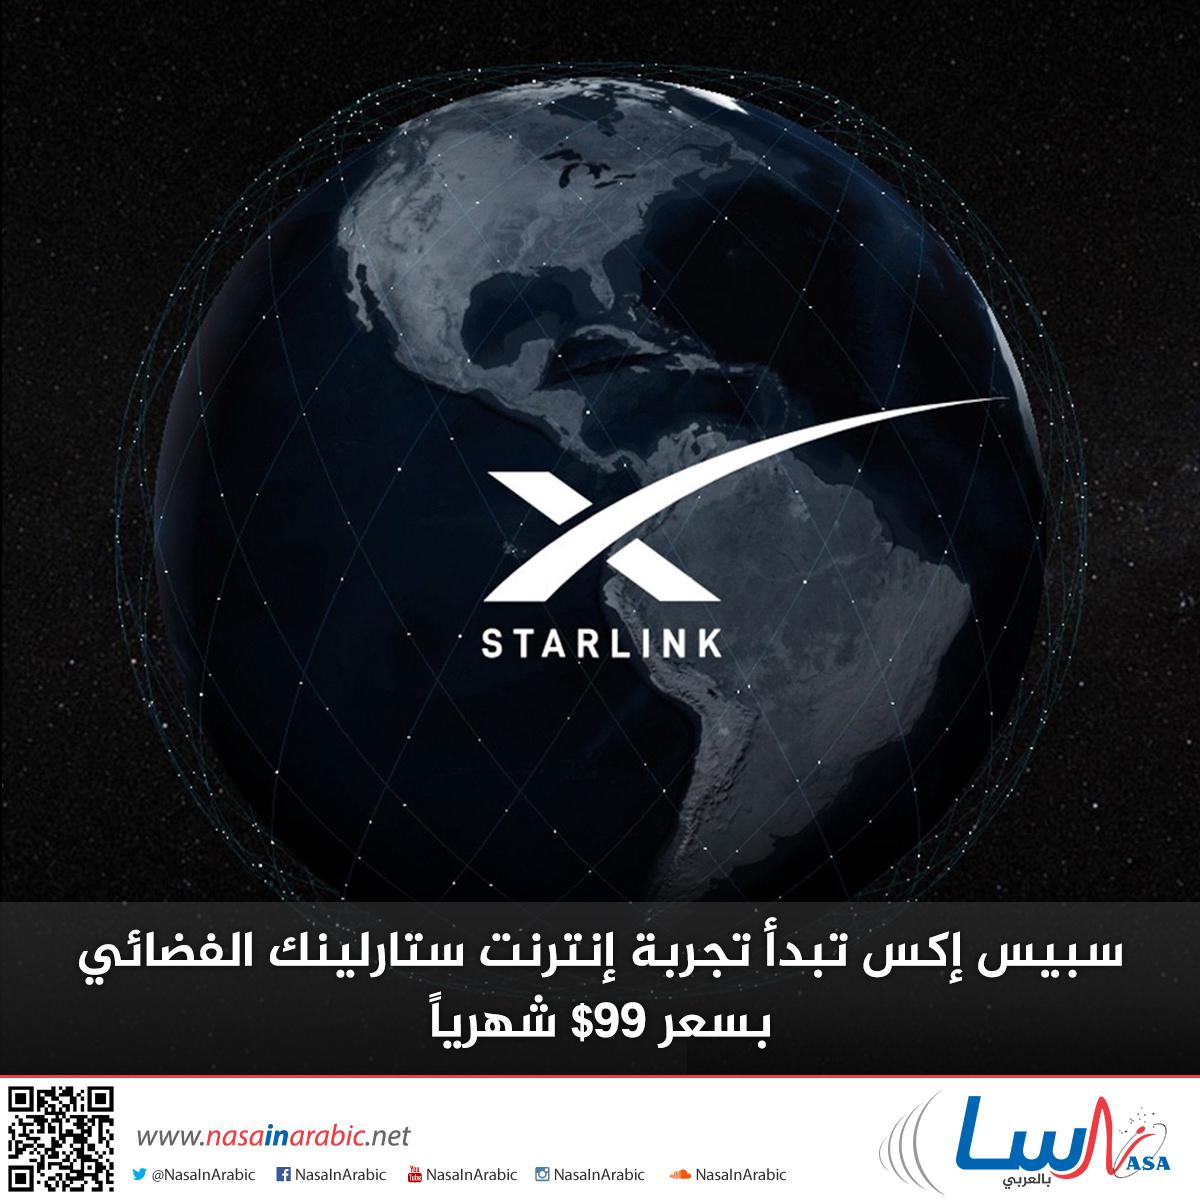 سبيس إكس تبدأ تجربة إنترنت ستارلينك الفضائي بسعر 99$ شهرياً